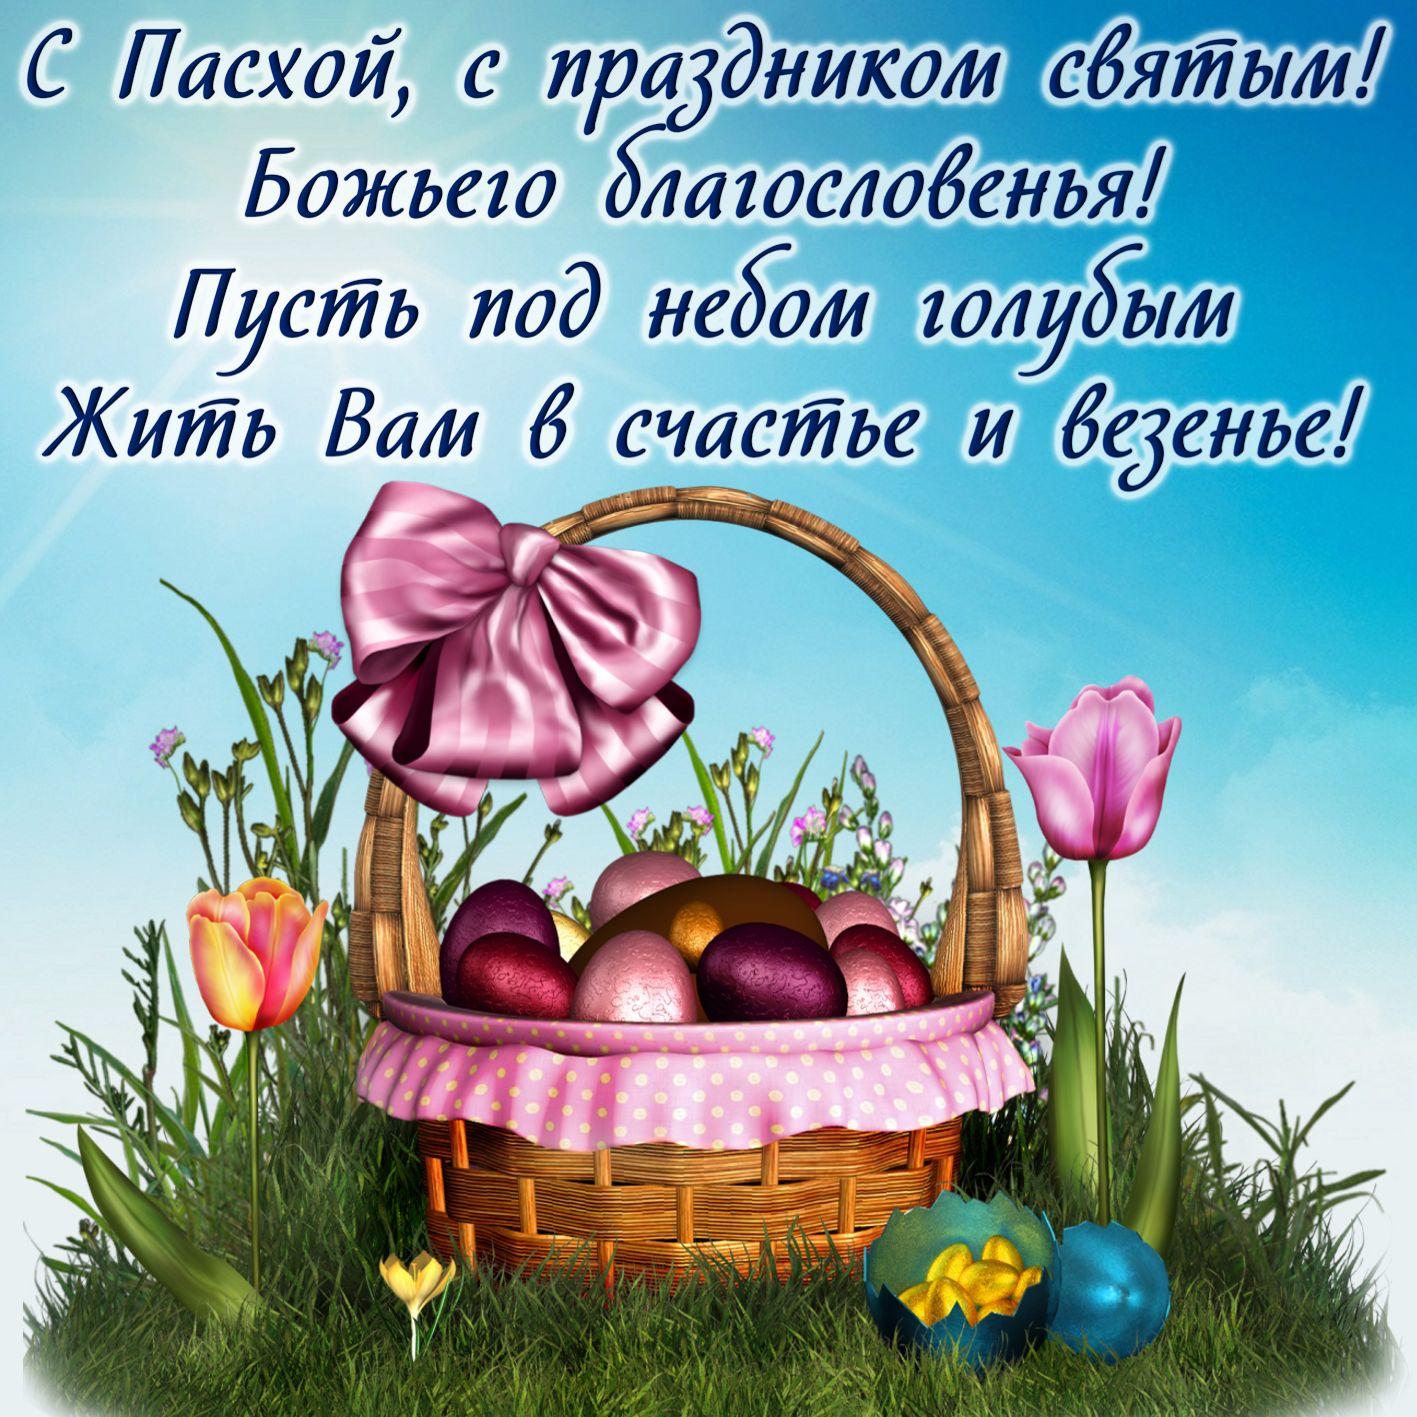 Корзинка с яйцами и пожелание на Пасху